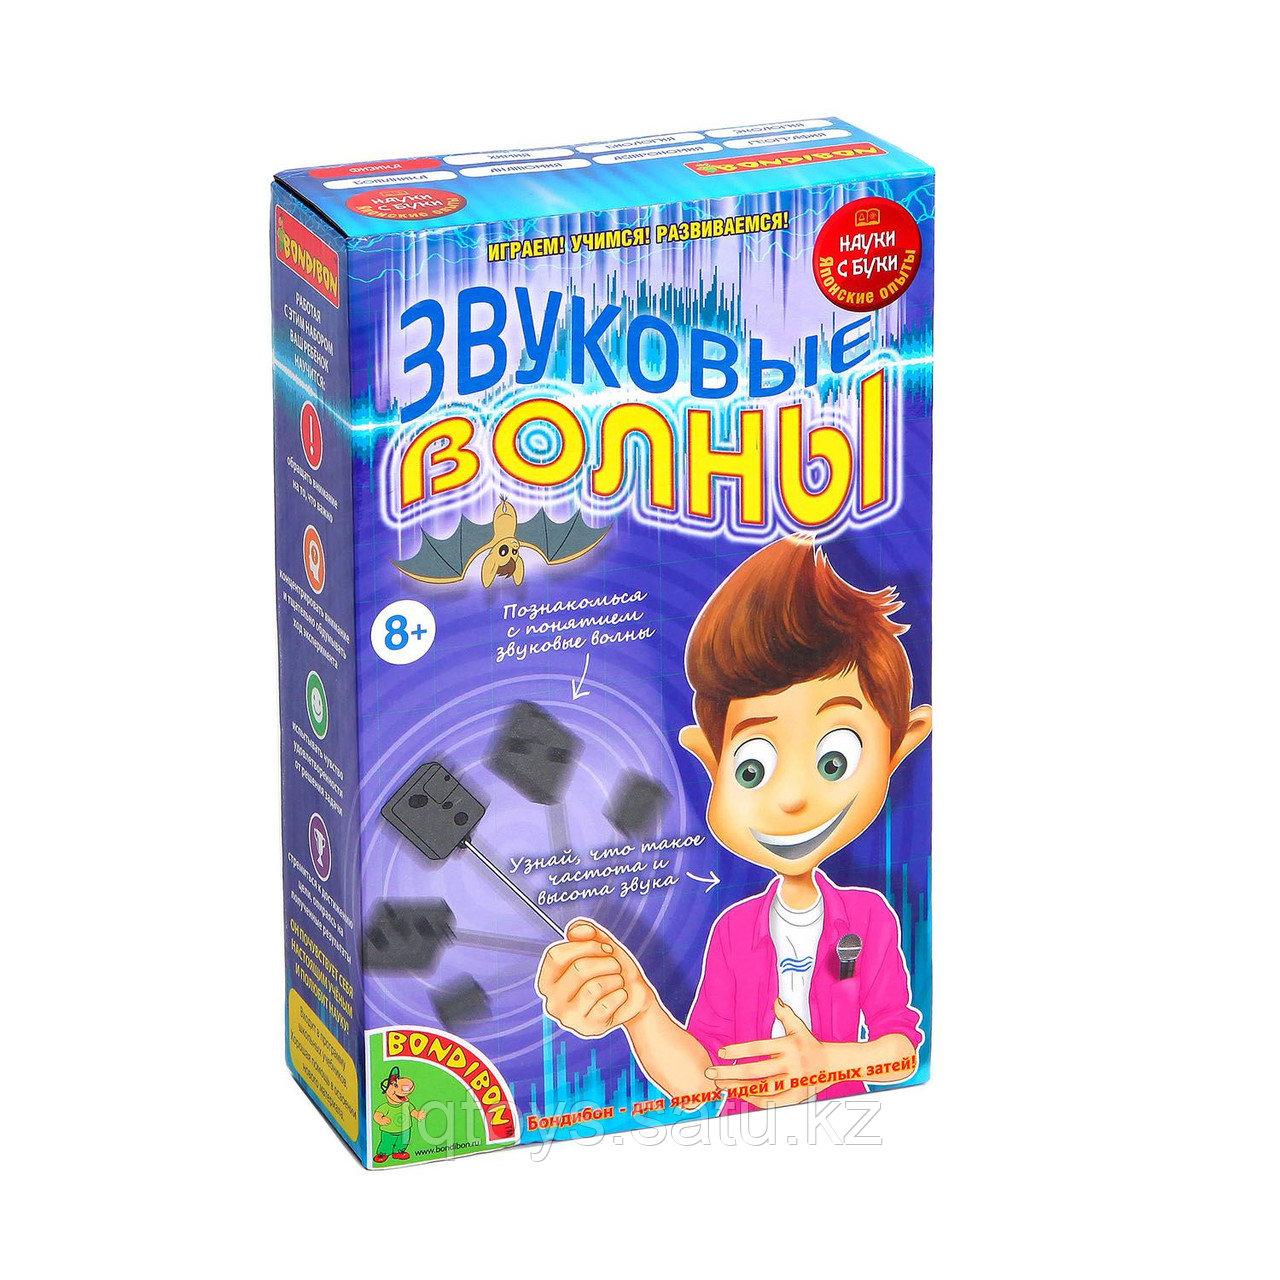 Настольная игра Звуковые волны Бондибон (Bondibon)